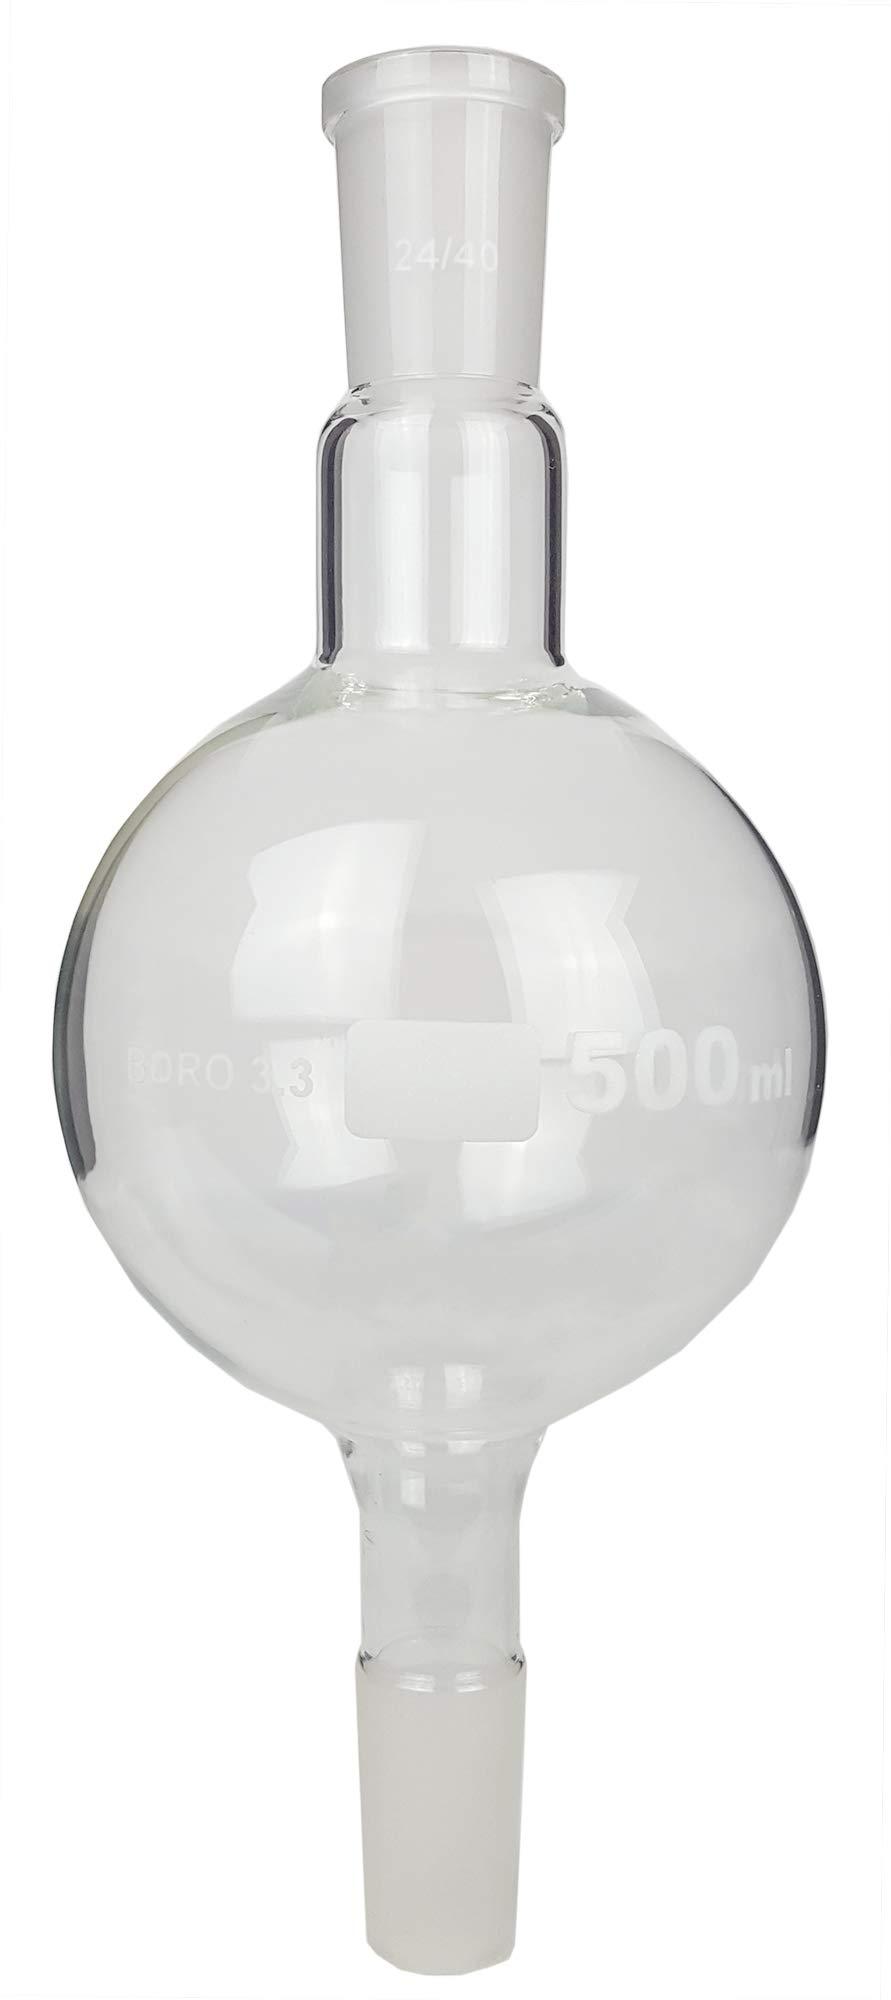 GSC International BMF500-24-40 Biomass Flask, 500ml, 24/40 Ground Glass Joint by GSC International